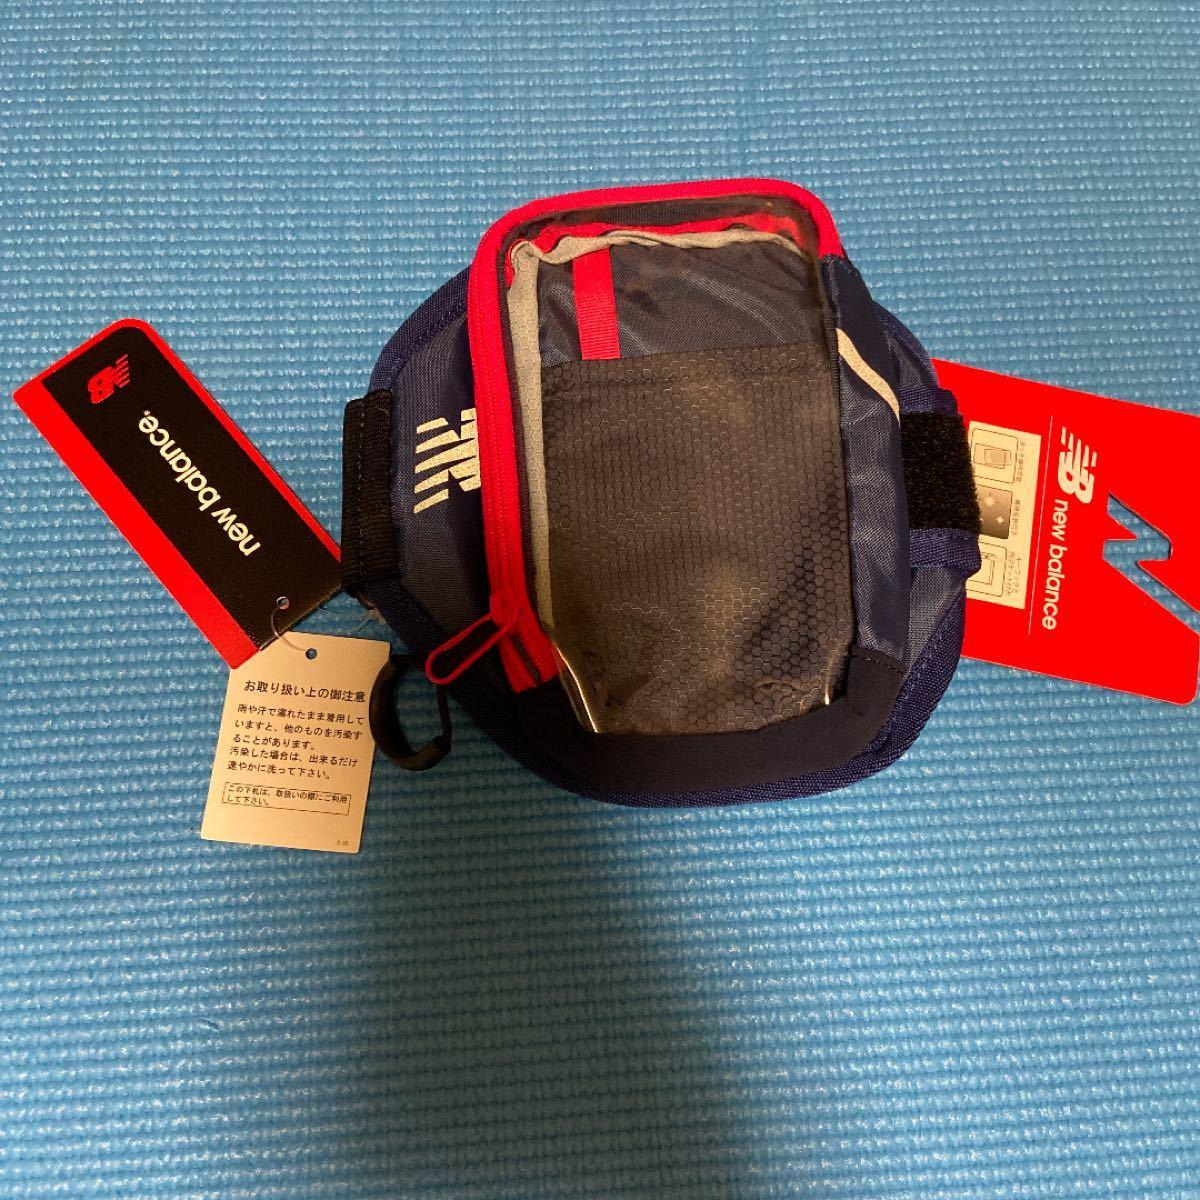 ニューバランス 携帯ケース ランニング携帯ケース